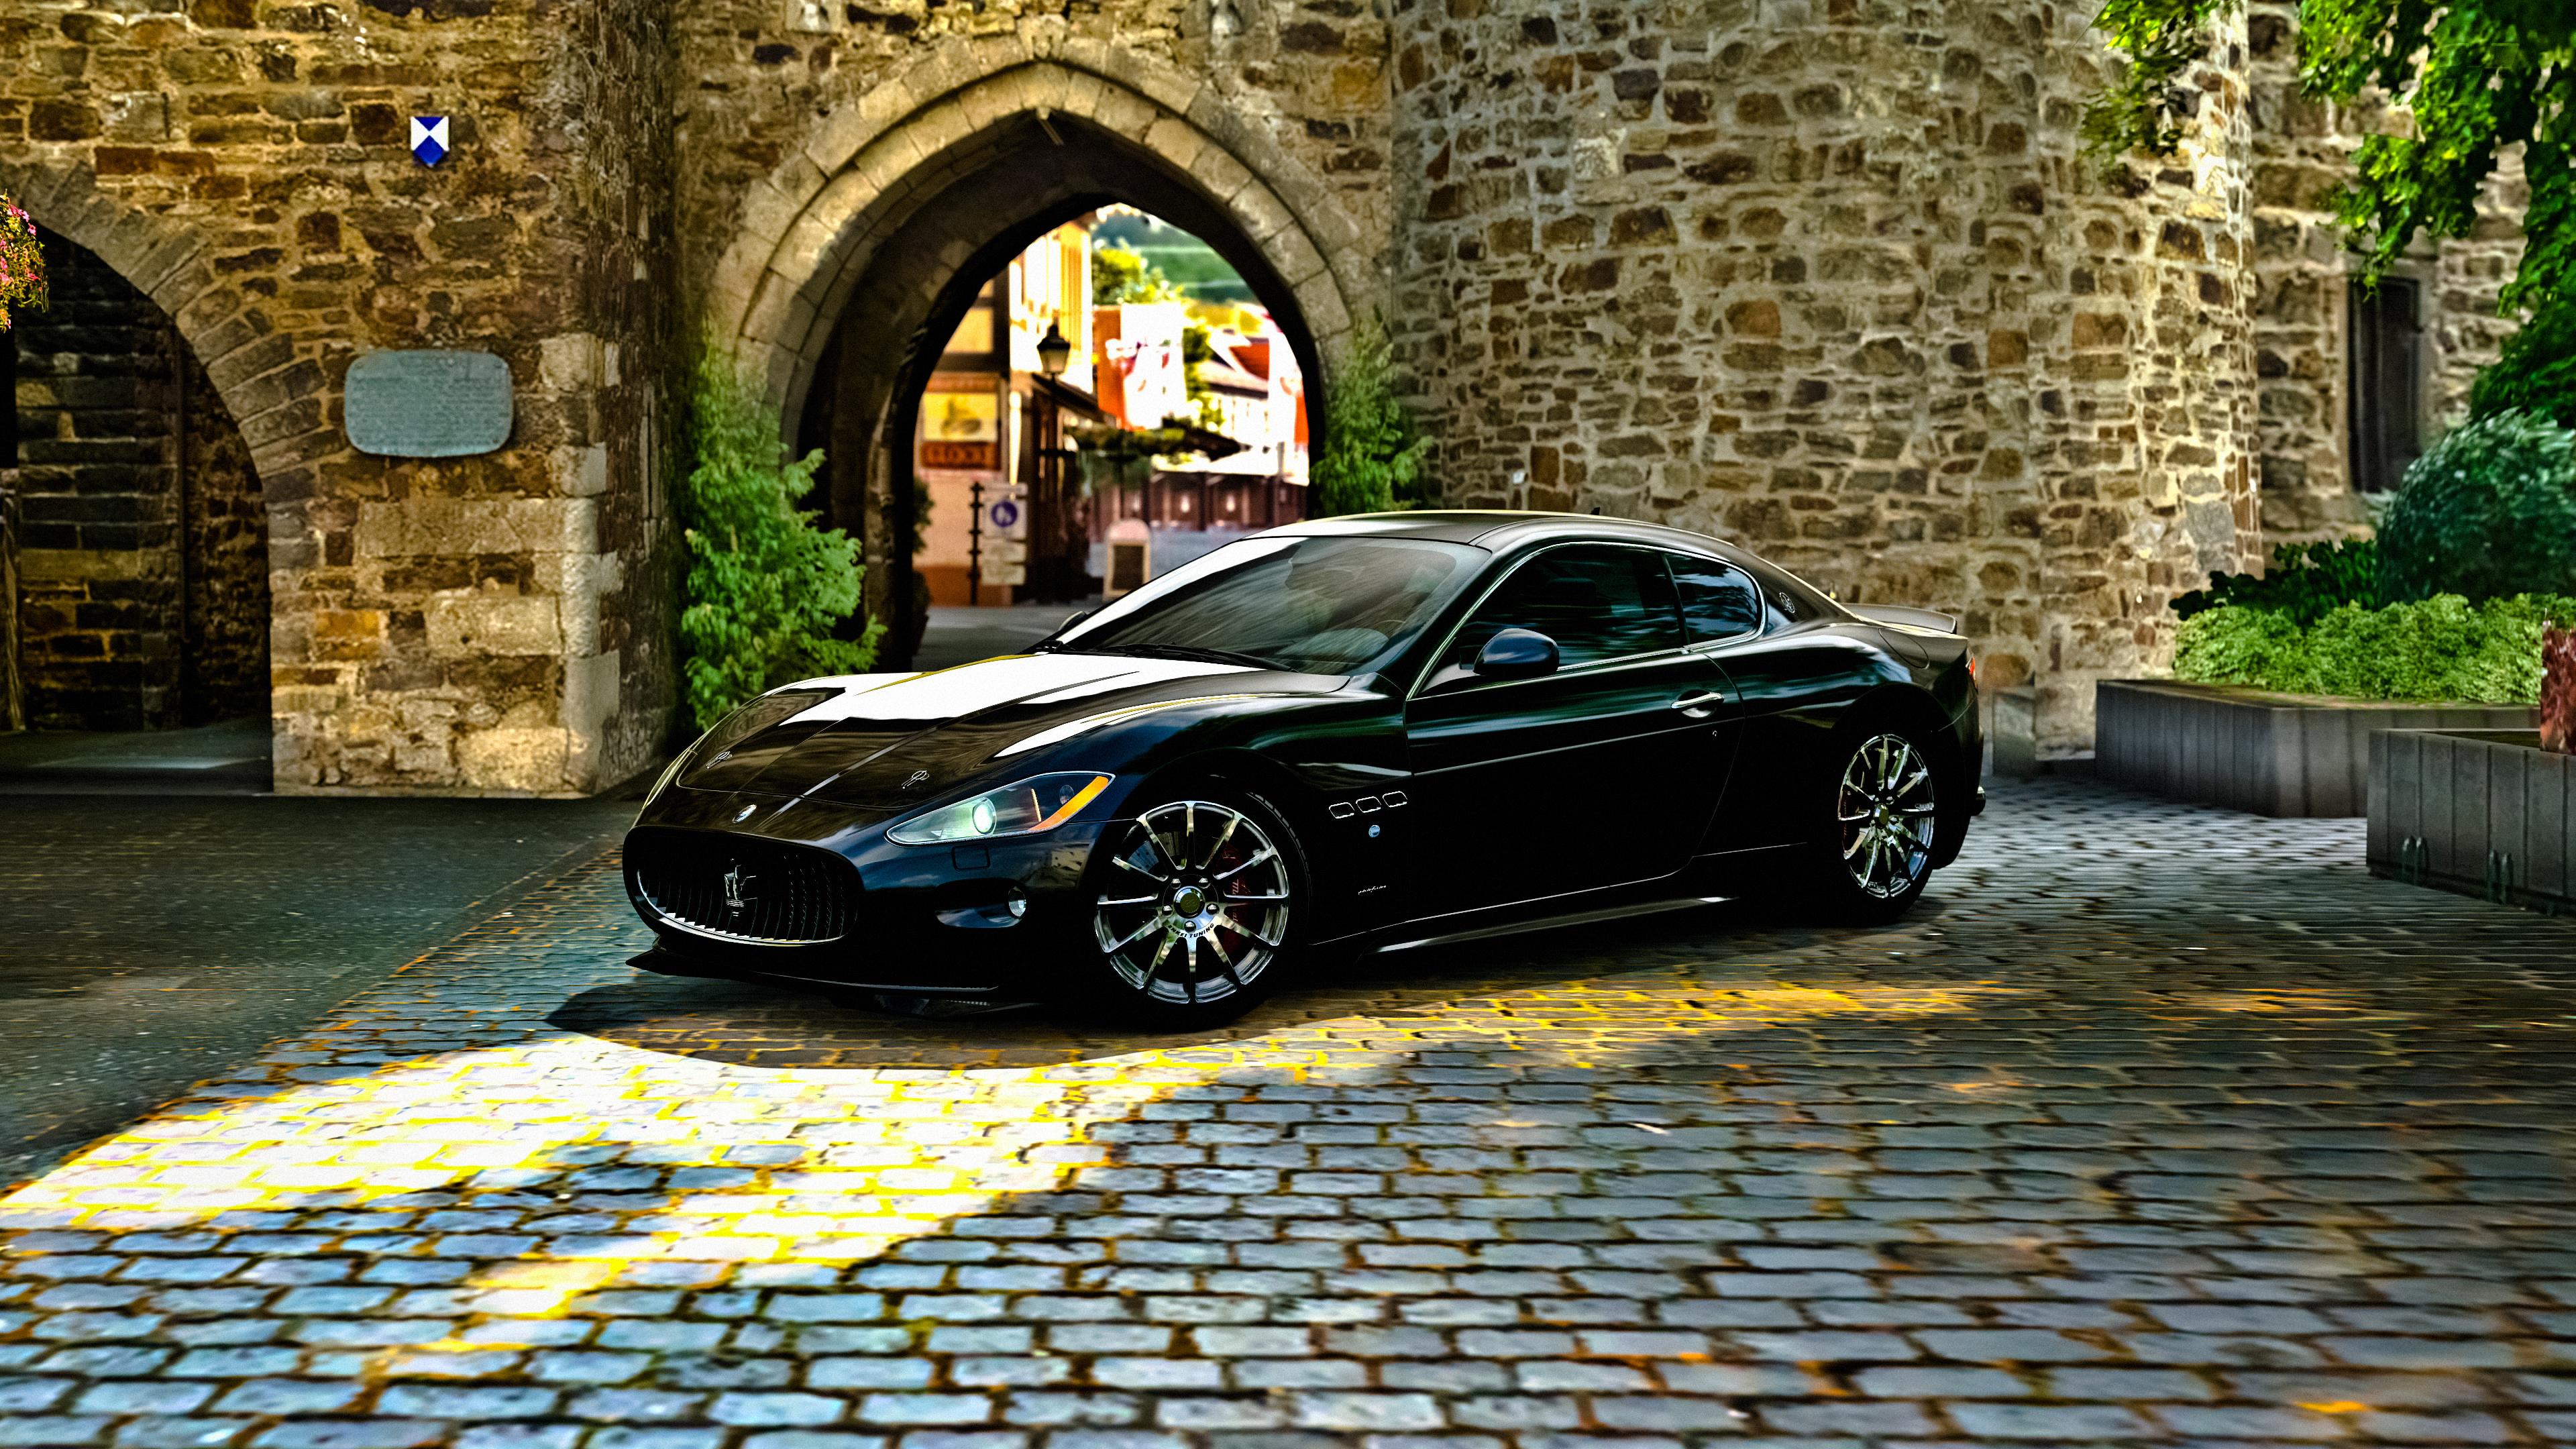 Maserati 4k Ultra HD Wallpaper Background Image 3840x2160 ID 3840x2160